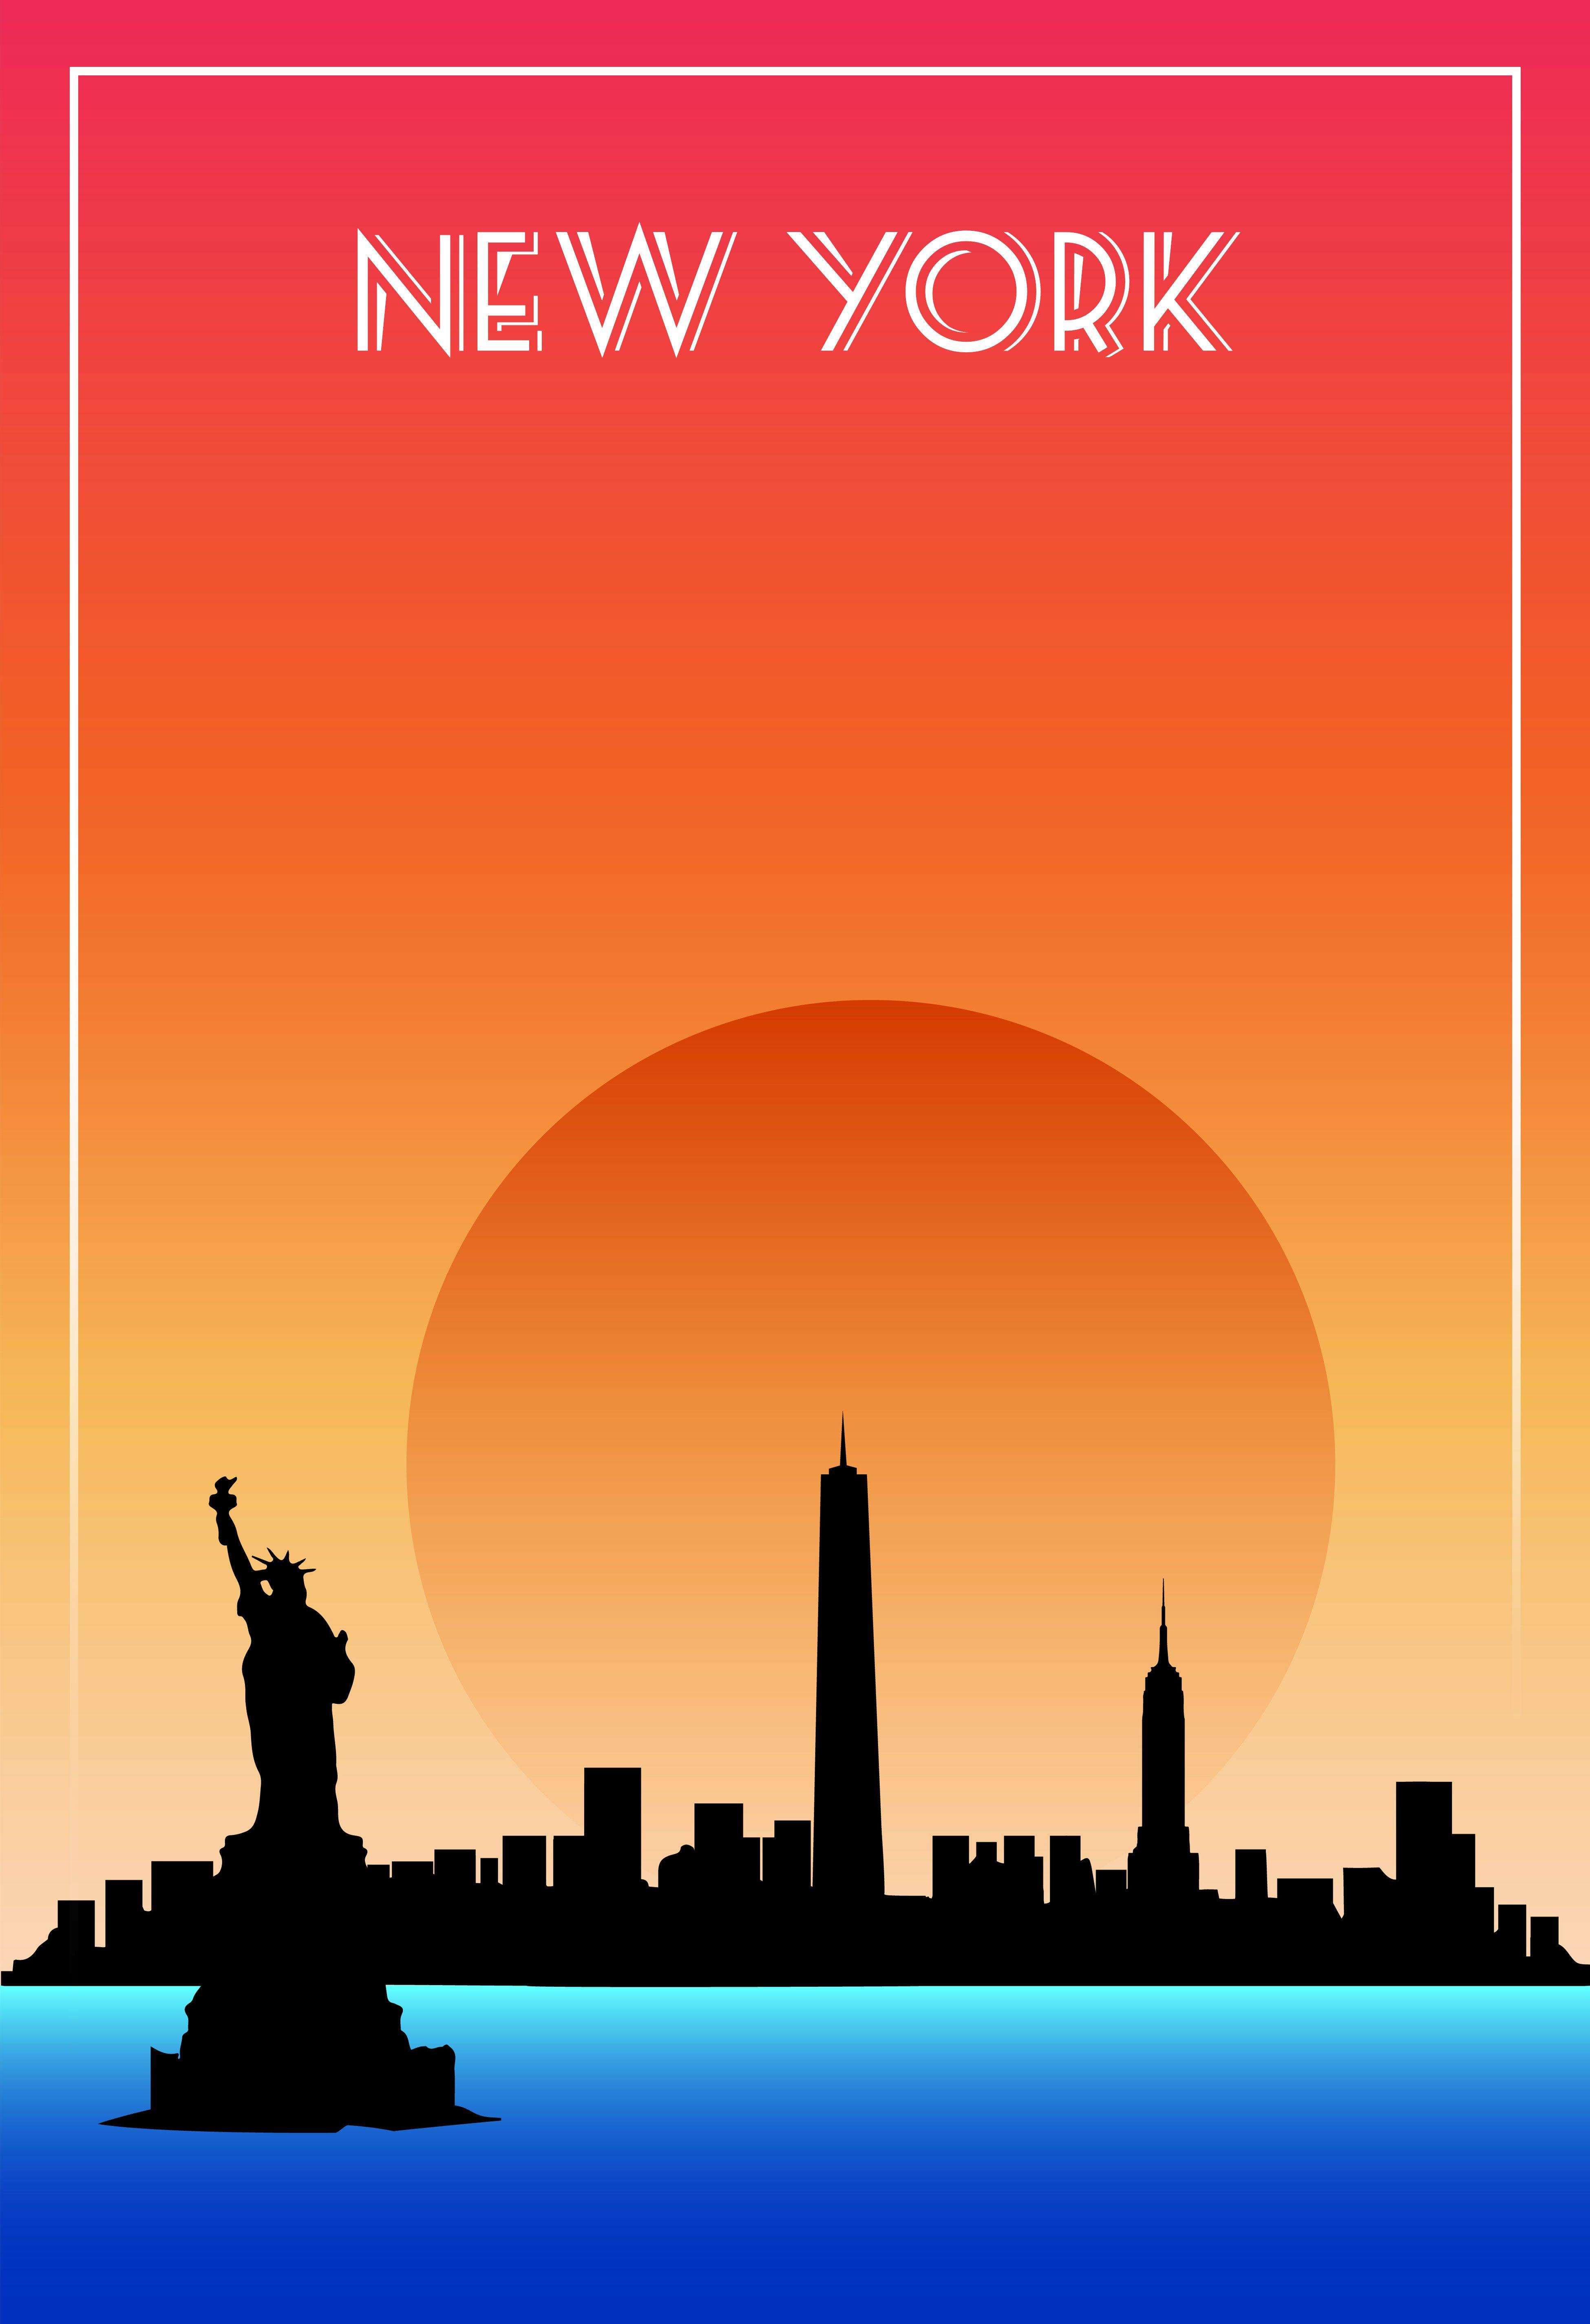 Poster design using illustrator - Poster Design Inspired On Sunrise New York City Using Gradients Techniques On Illustrator For